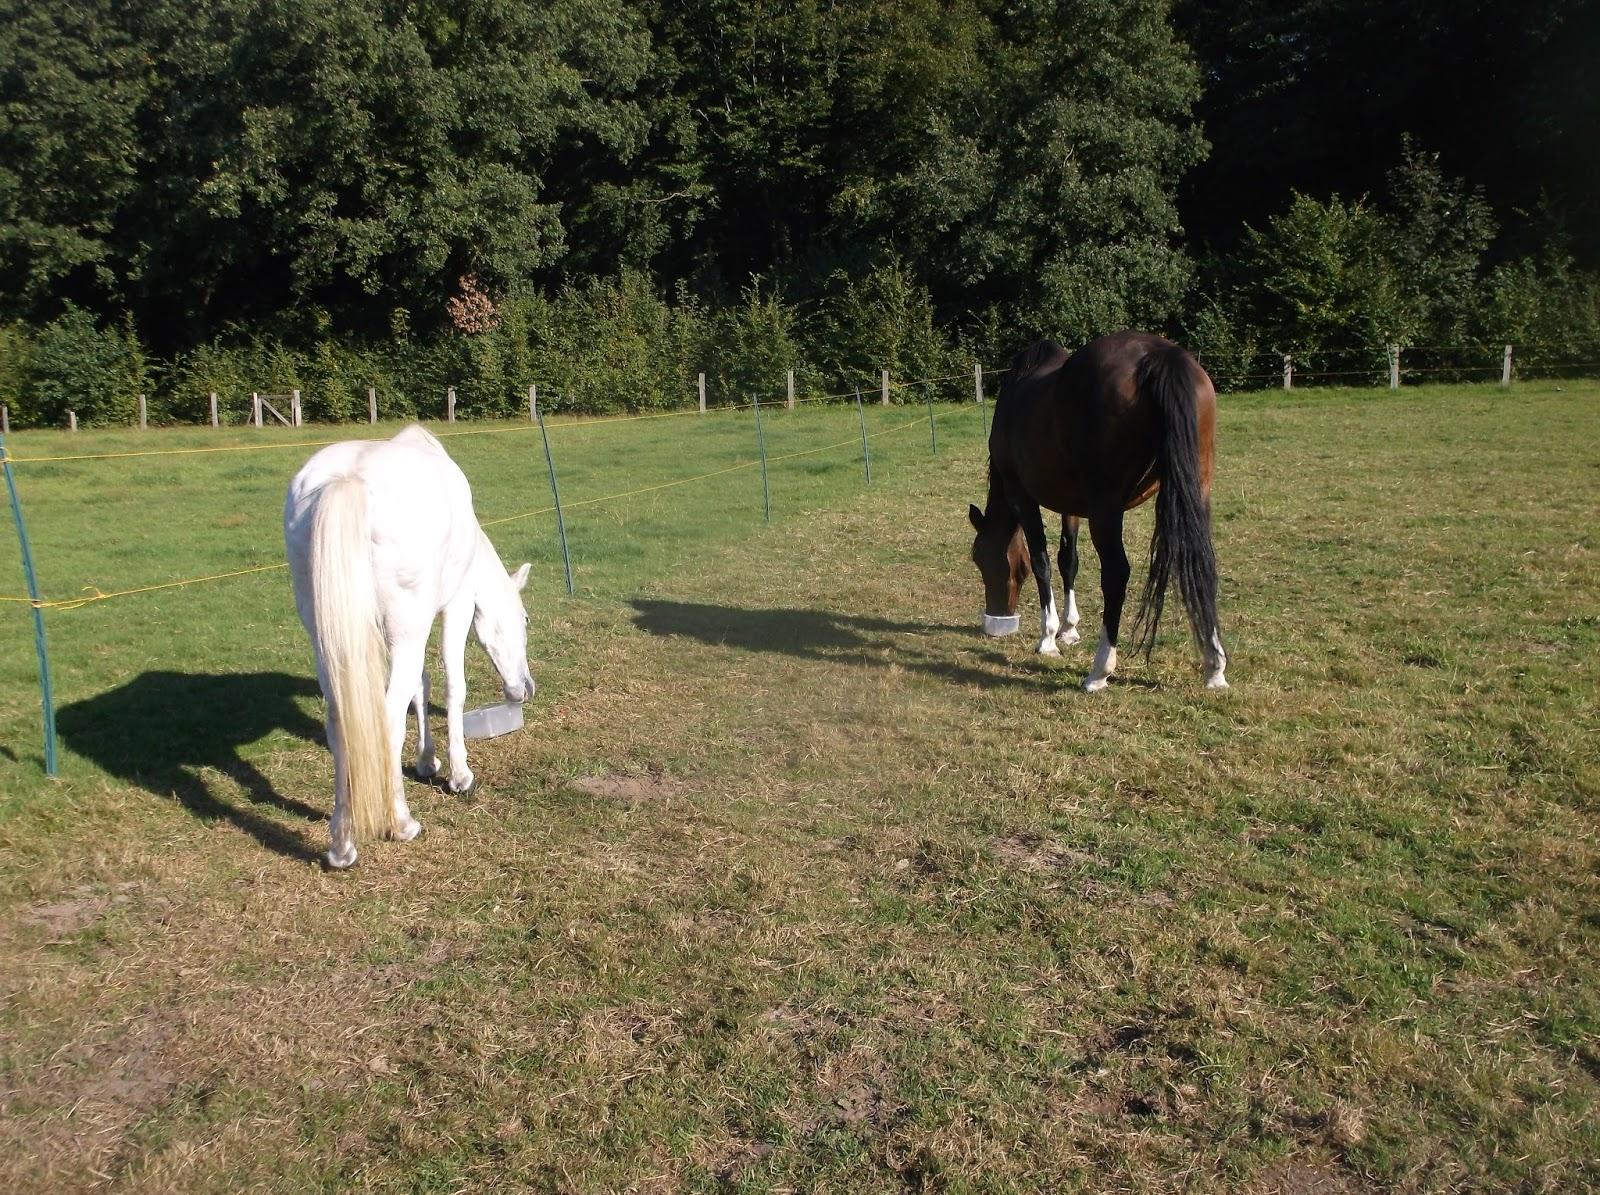 pferde tiere gesundheit soziales zeitgeist pferdemist f r den blumengarten. Black Bedroom Furniture Sets. Home Design Ideas